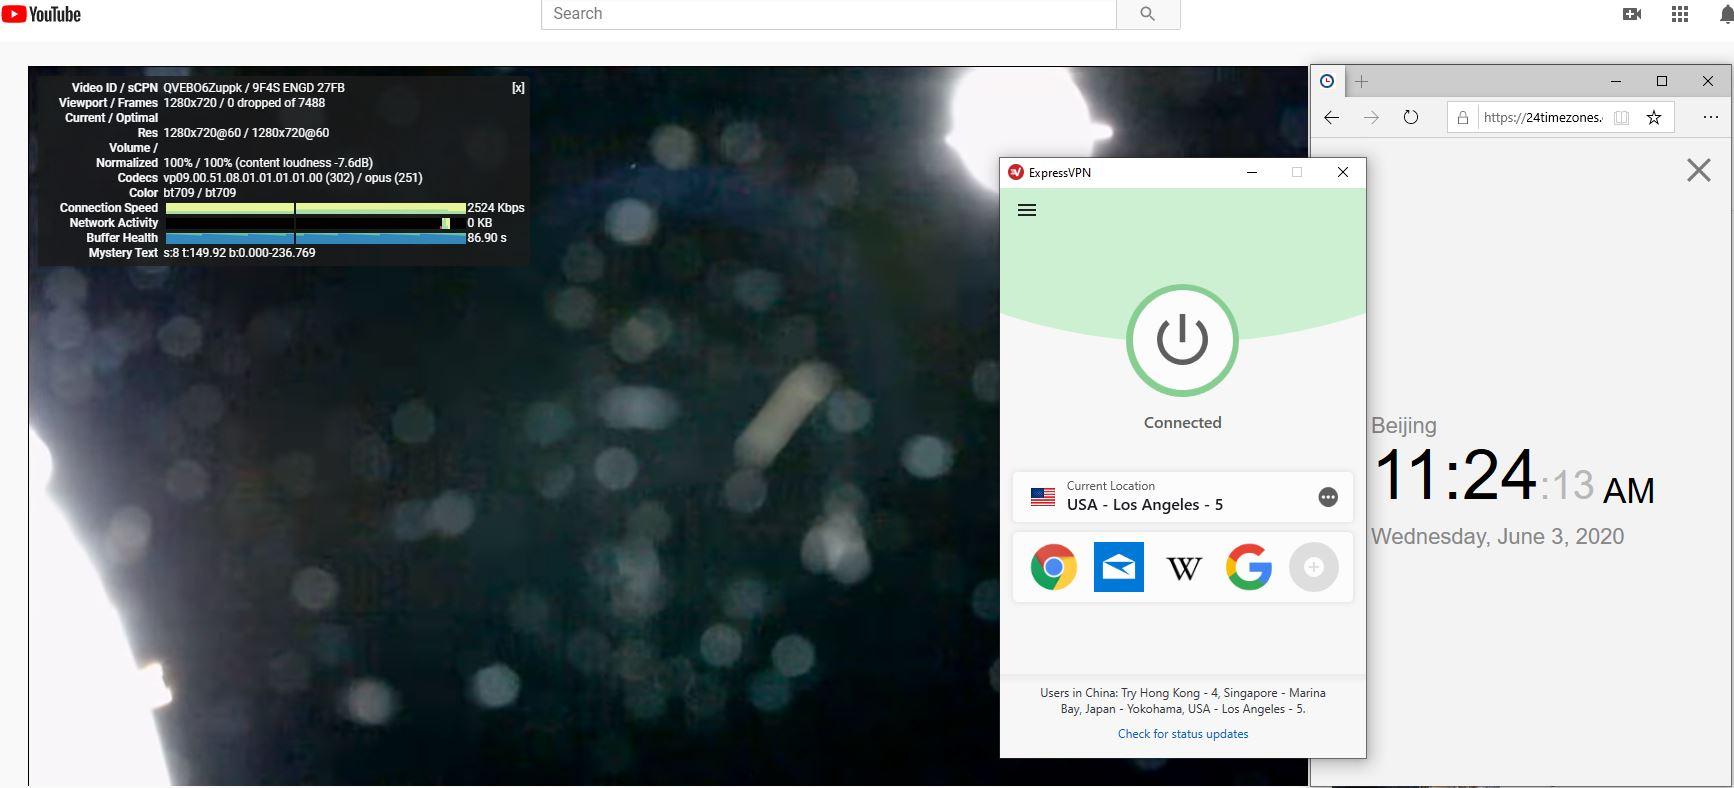 Windows10 ExpressVPN USA - Los Angeles - 5 中国VPN 翻墙 科学上网 测速-20200603